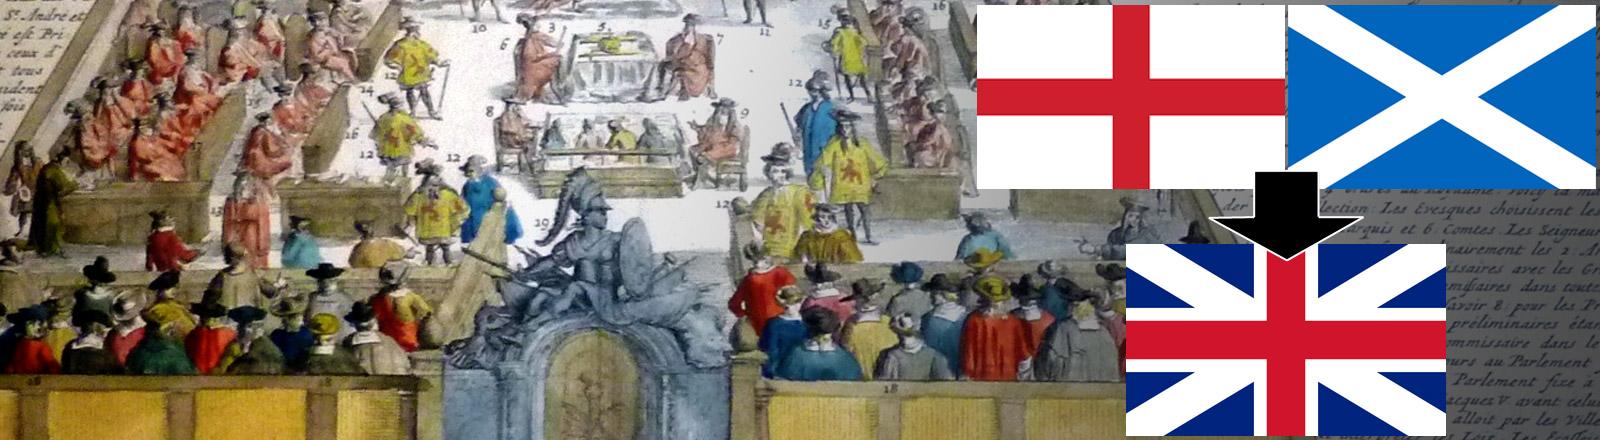 Ein Bild der schottischen Parlaments aus 1707, davor die schottische, englische und alte britische Flagge ohne Wales